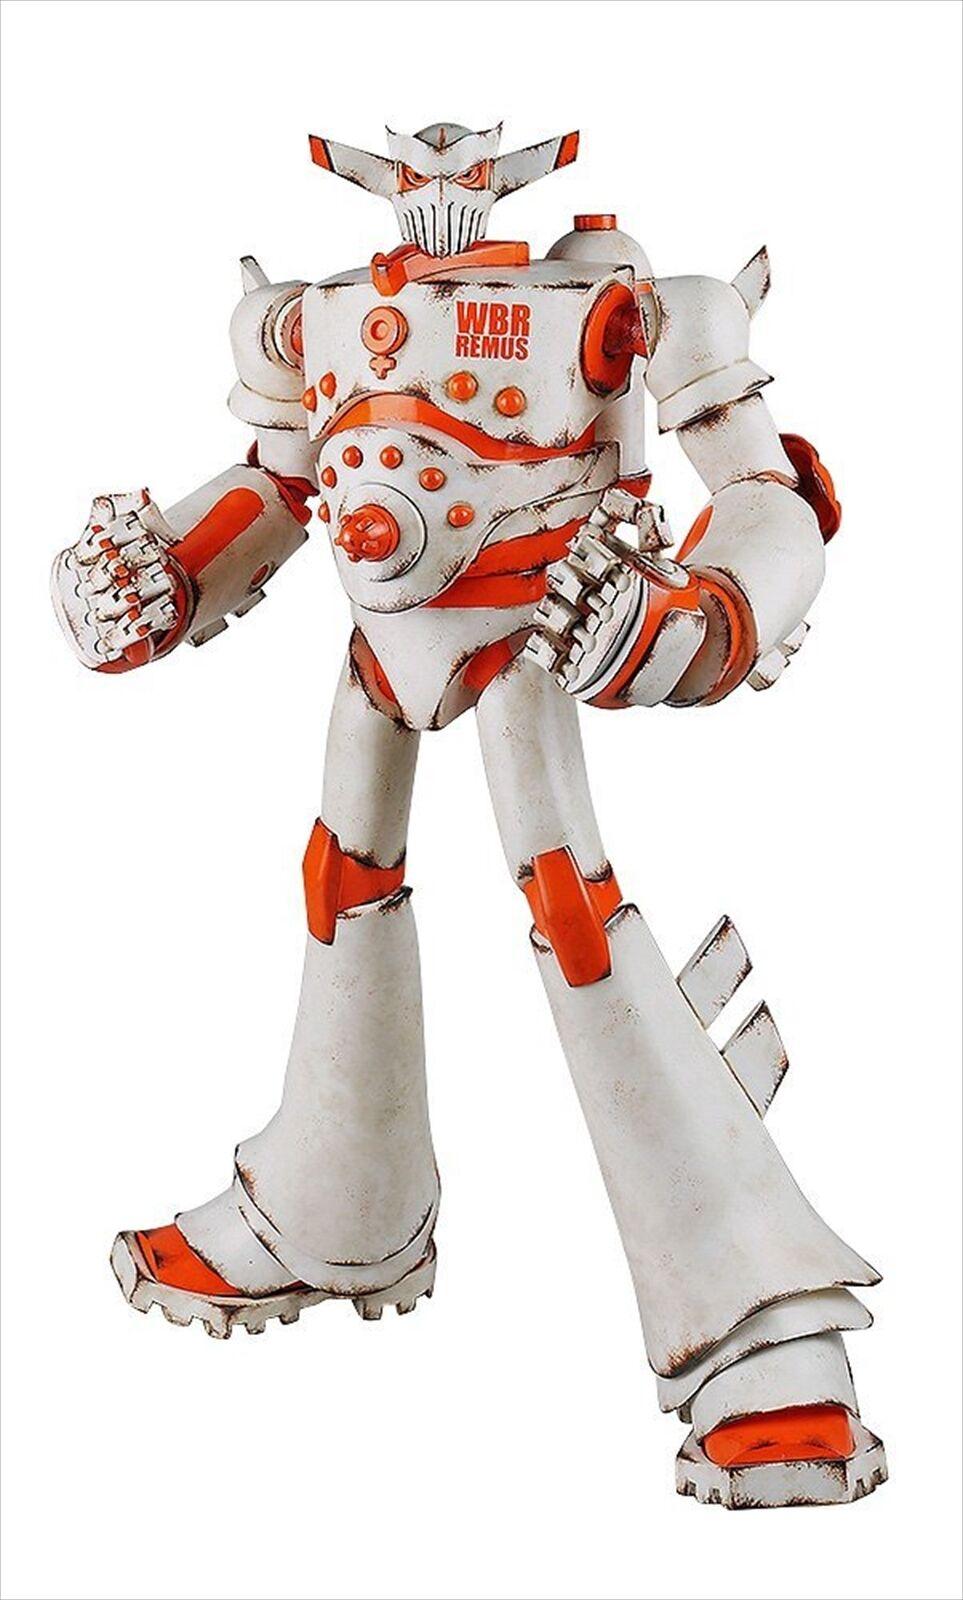 Threea mondes meilleurs Robots WBR Remus Non-Scale Action Figure